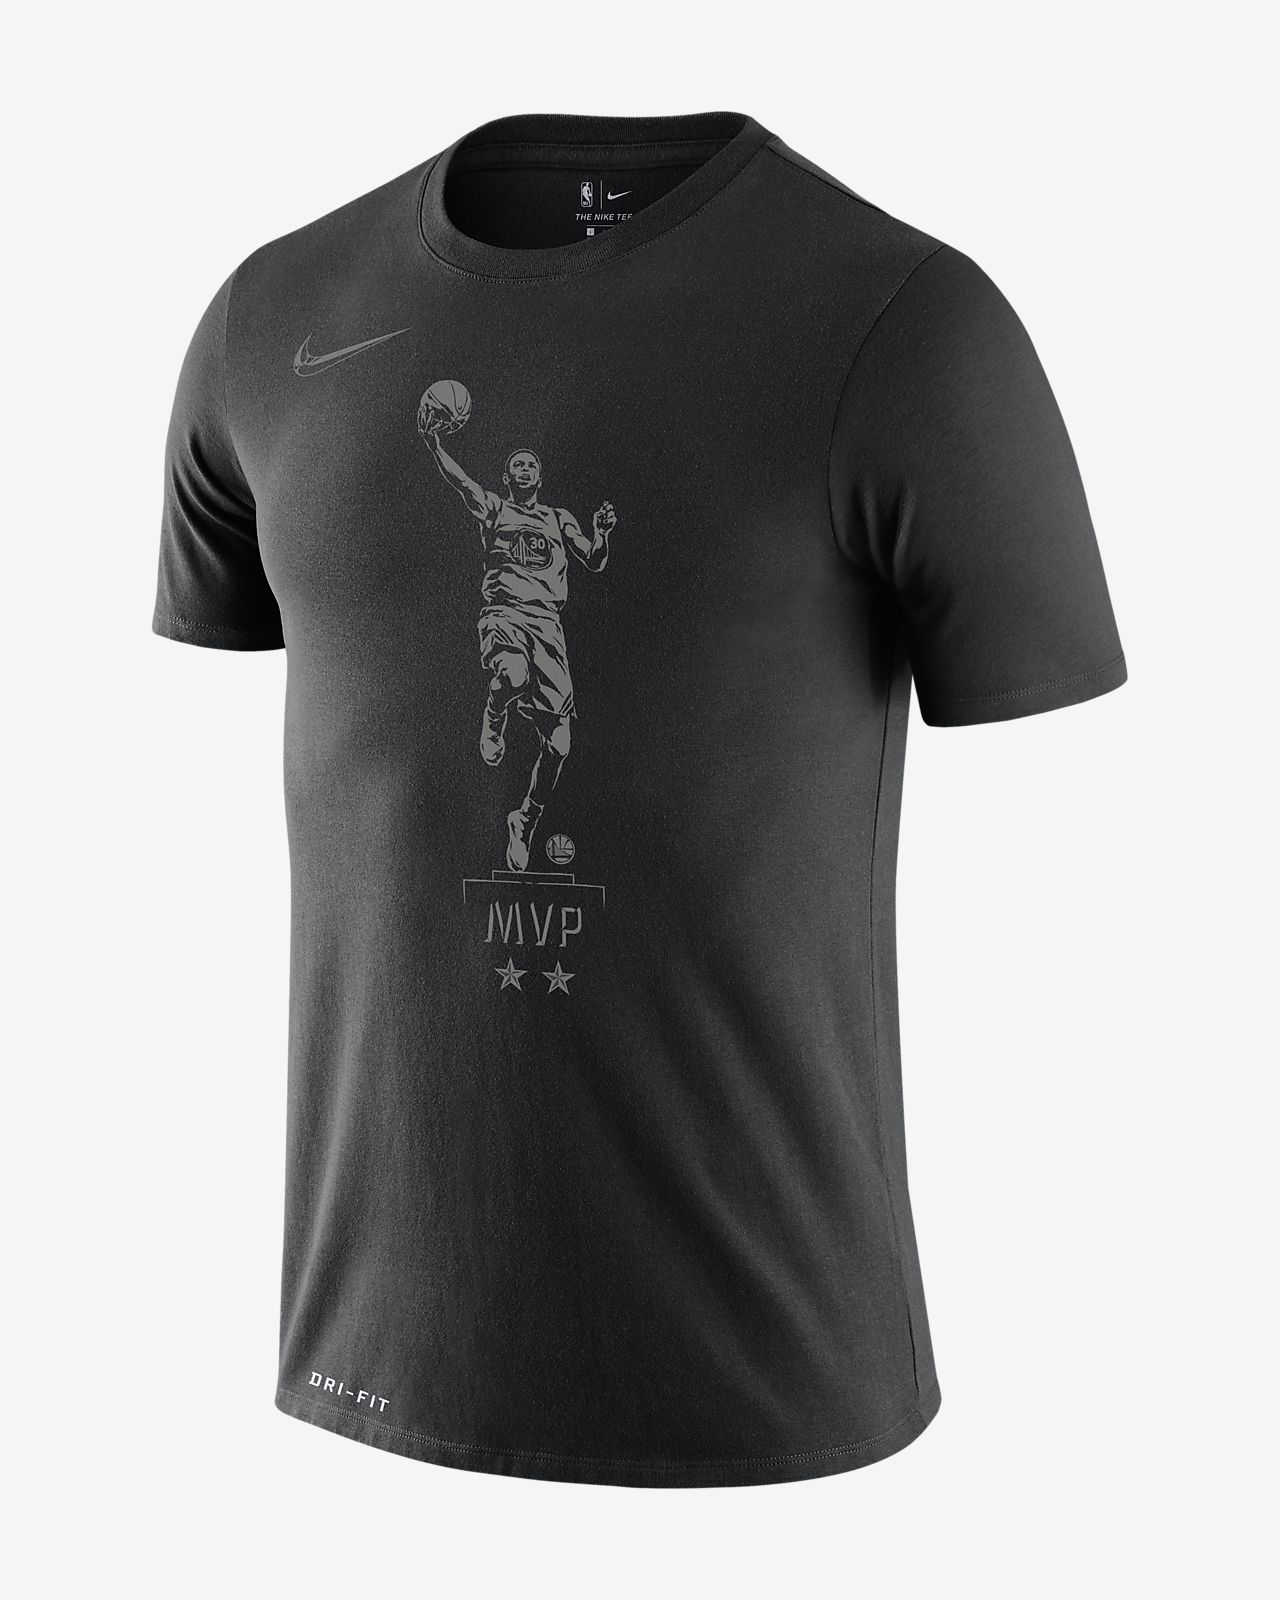 """เสื้อยืด NBA ผู้ชาย Stephen Curry Nike Dri-FIT """"MVP"""""""